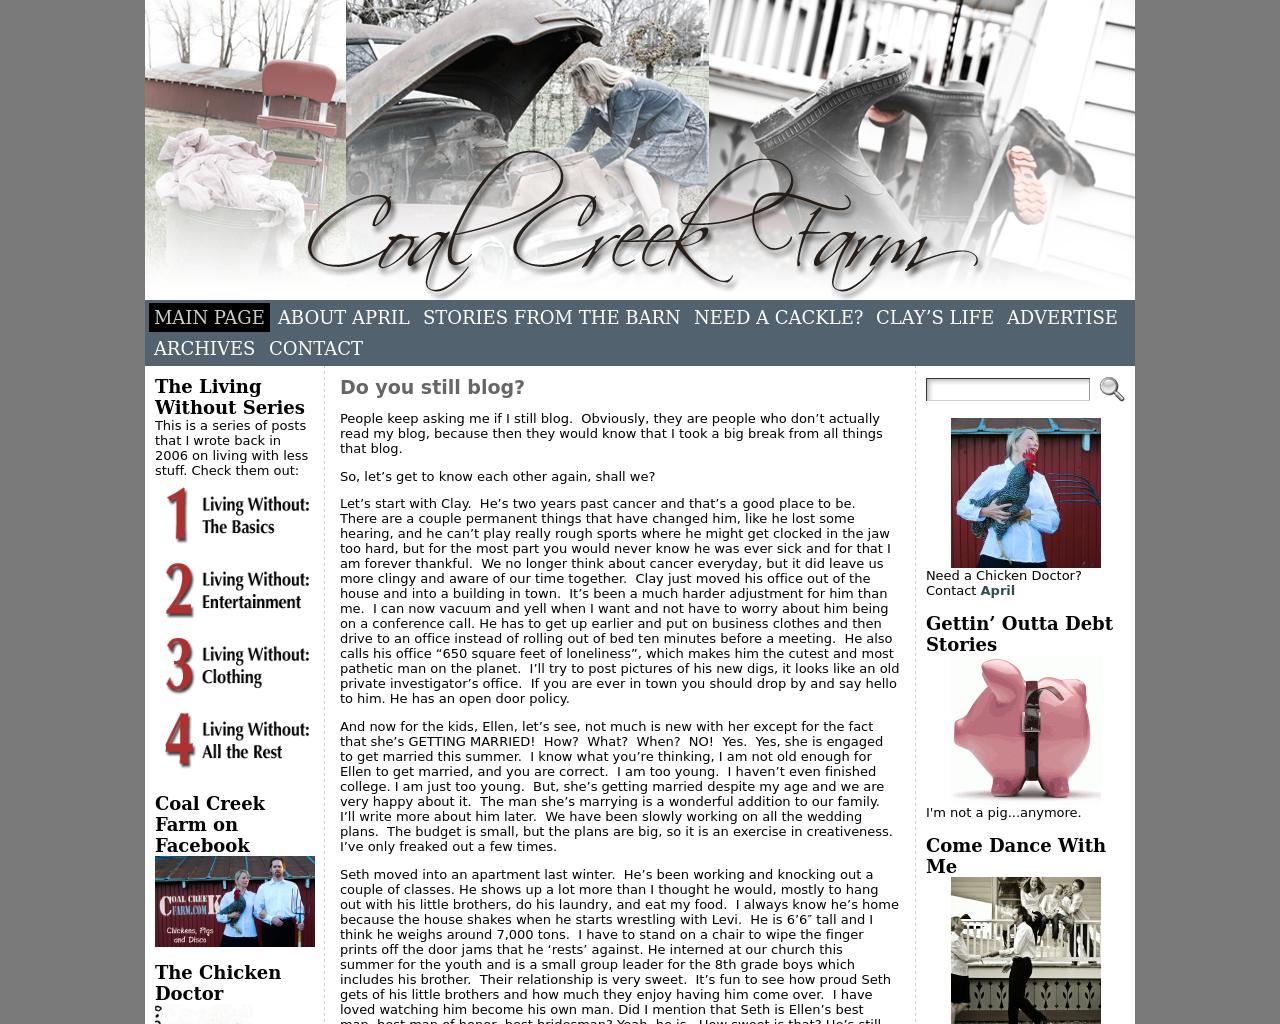 Coal-Creek-Farm-Advertising-Reviews-Pricing